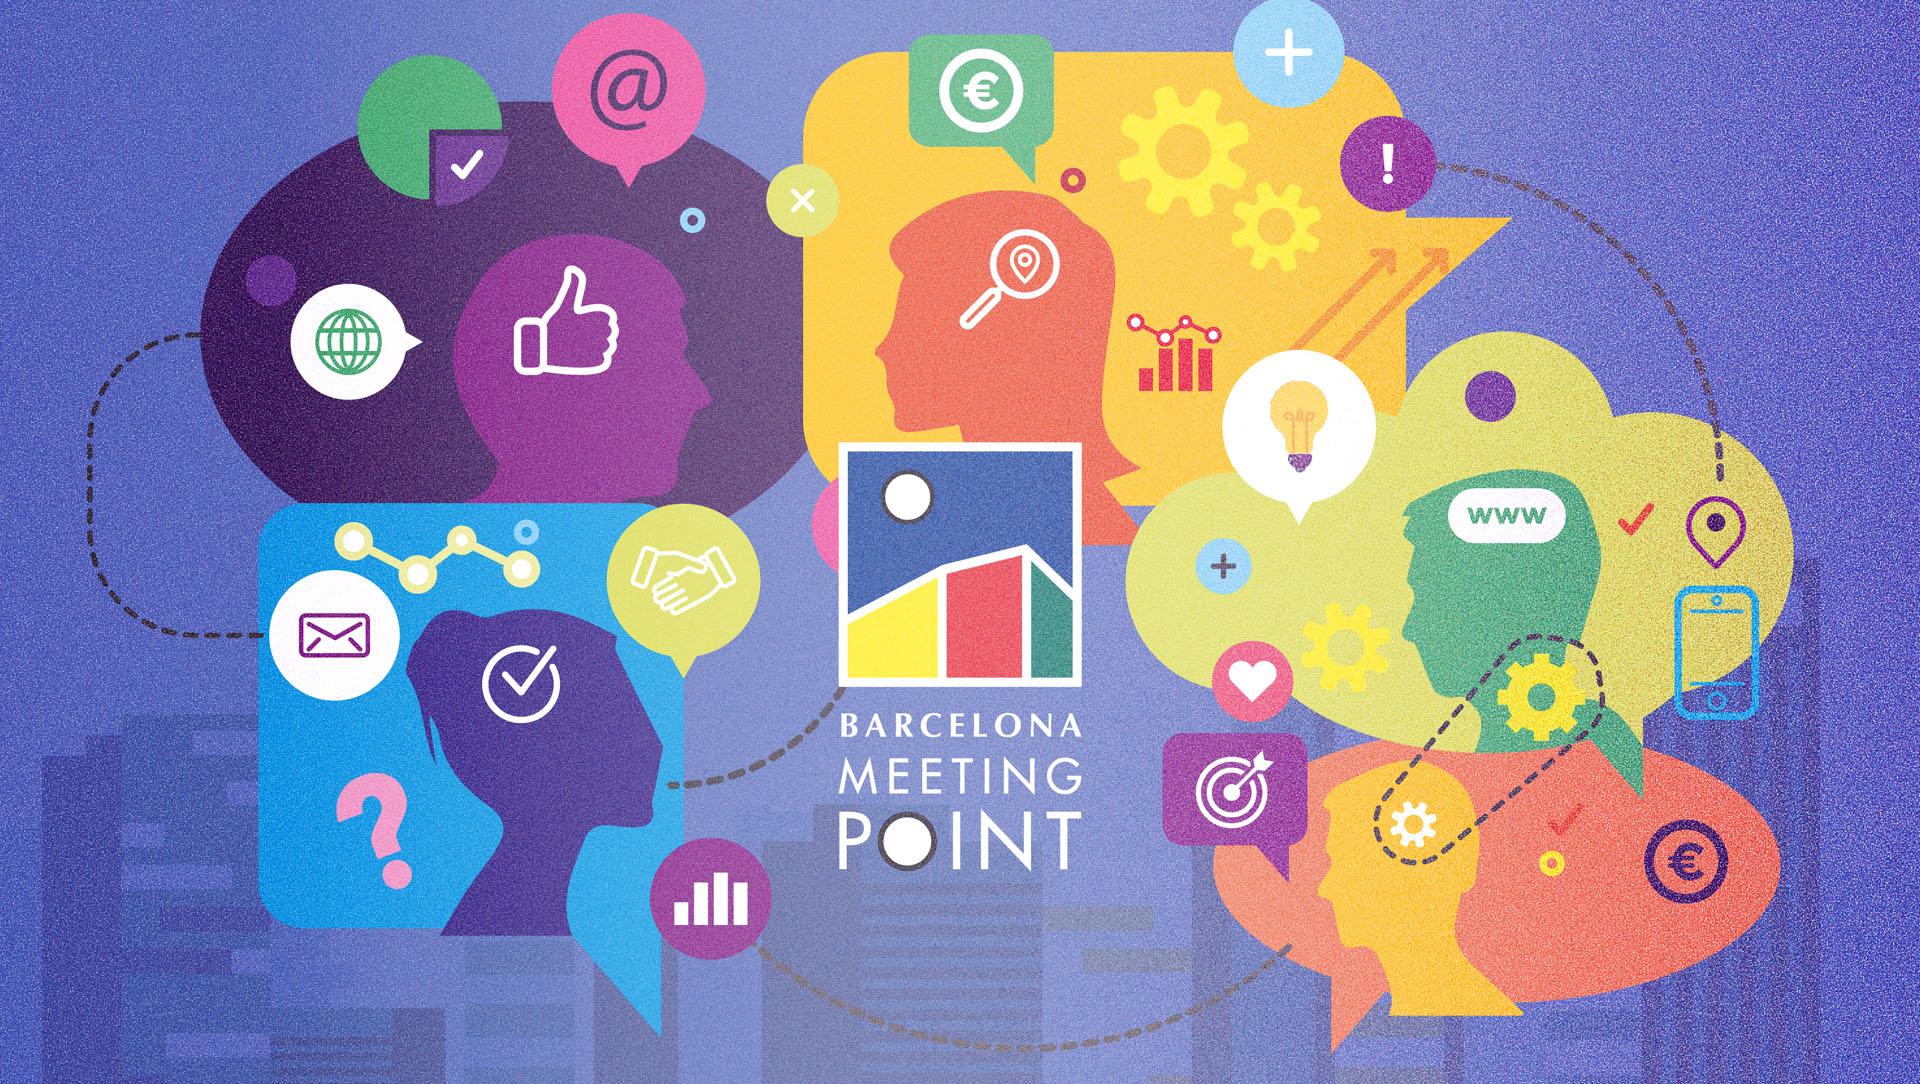 diseño de ilustración para meeting point blog kasaz diseño grafico